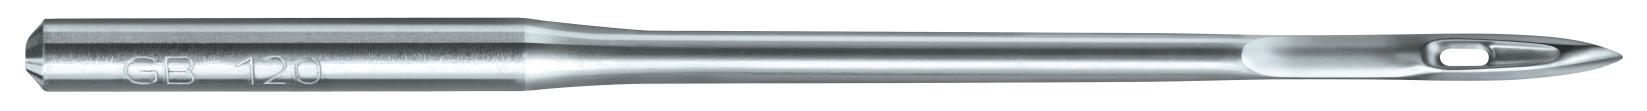 Швейная игла Groz-Beckert 134 LR №80 для кожи